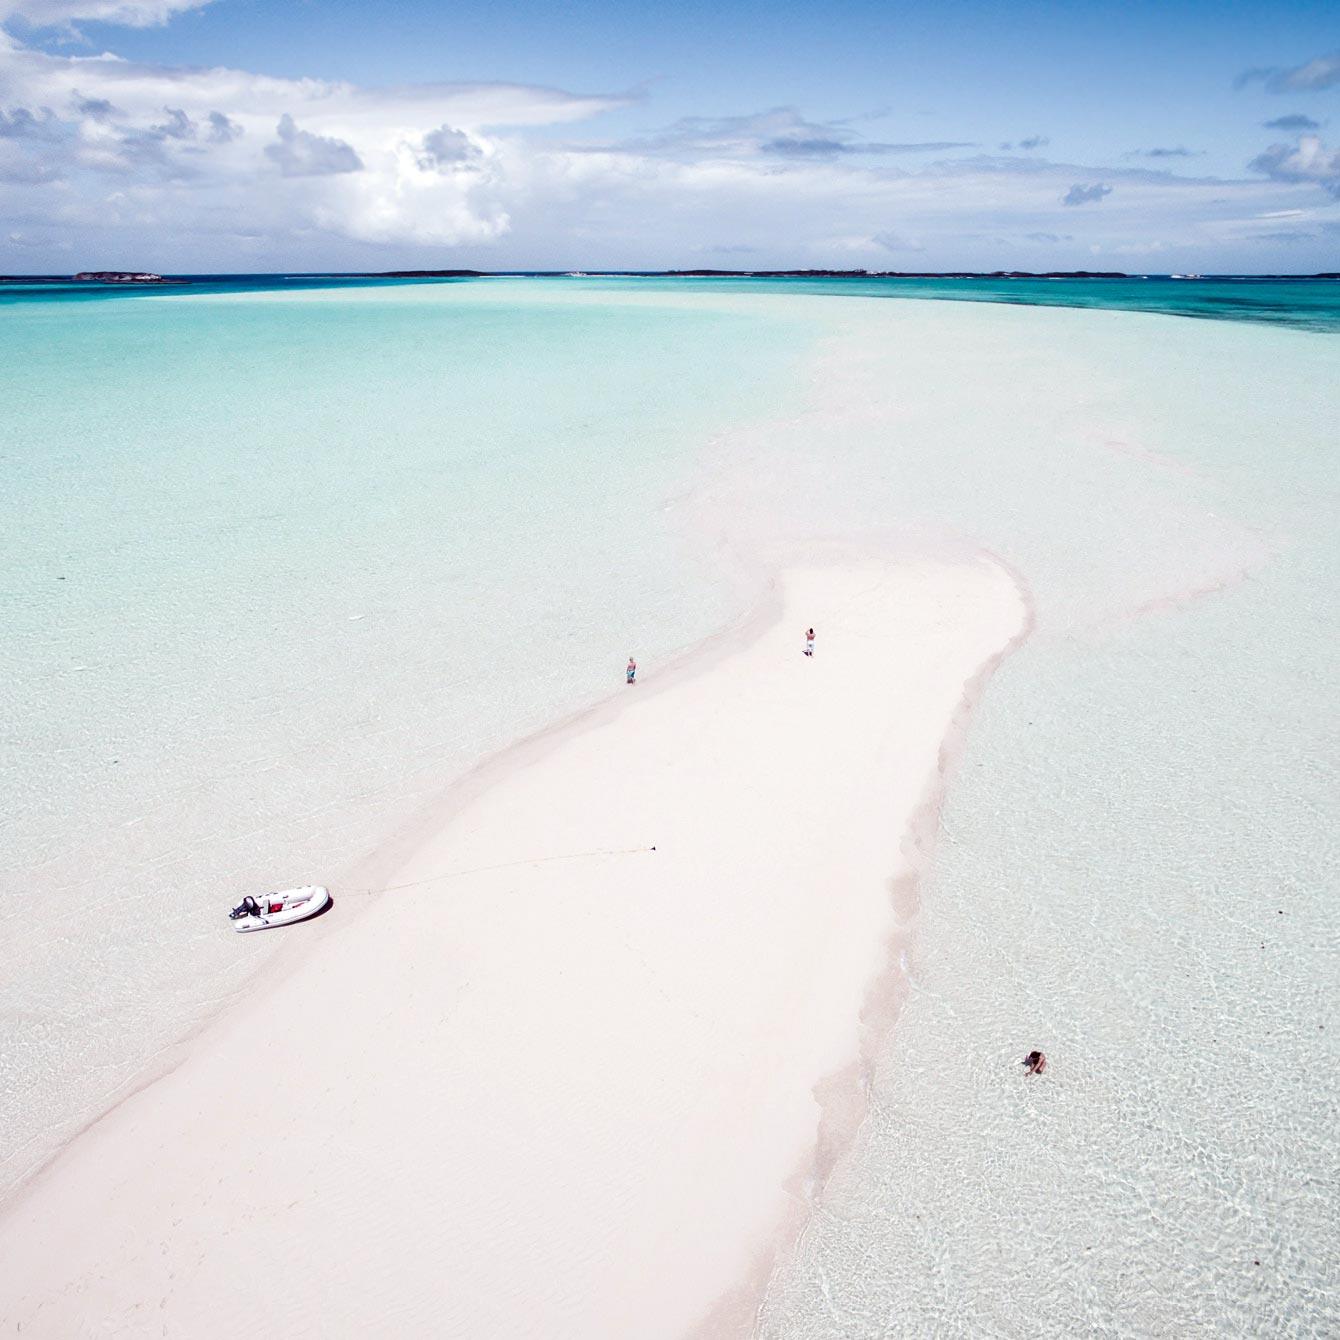 Bahamas, Exumas Vacation